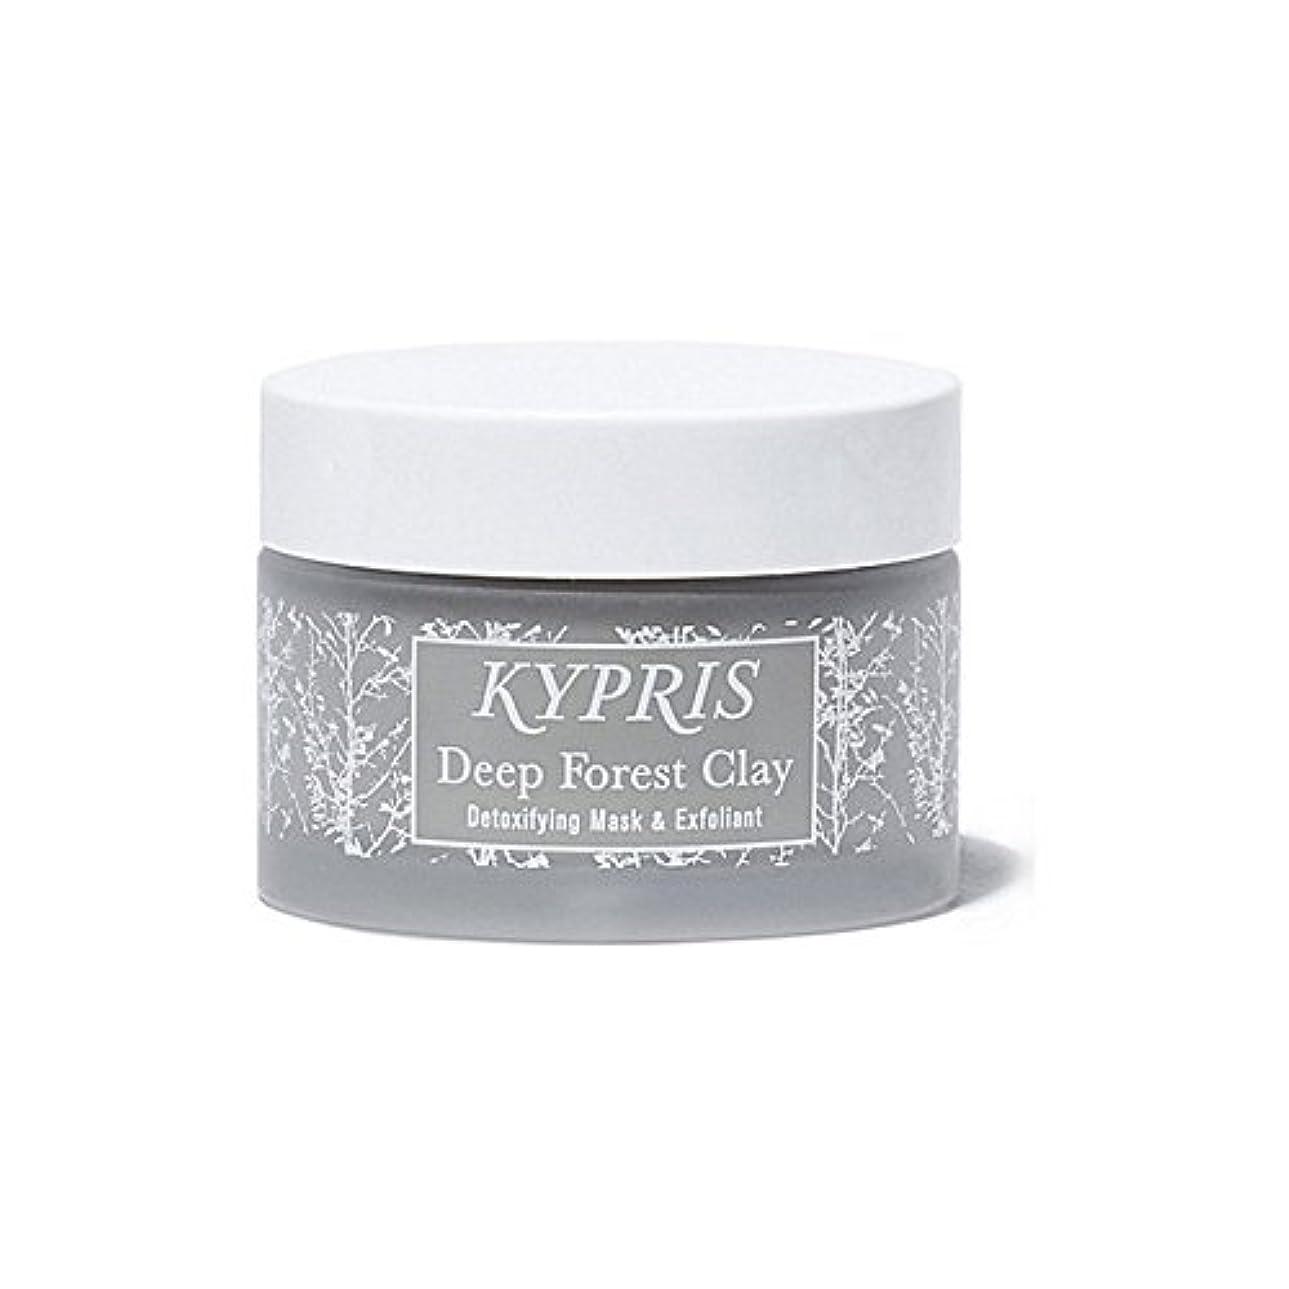 酒ウィザードラフト深い森粘土を x2 - Kypris Deep Forest Clay (Pack of 2) [並行輸入品]